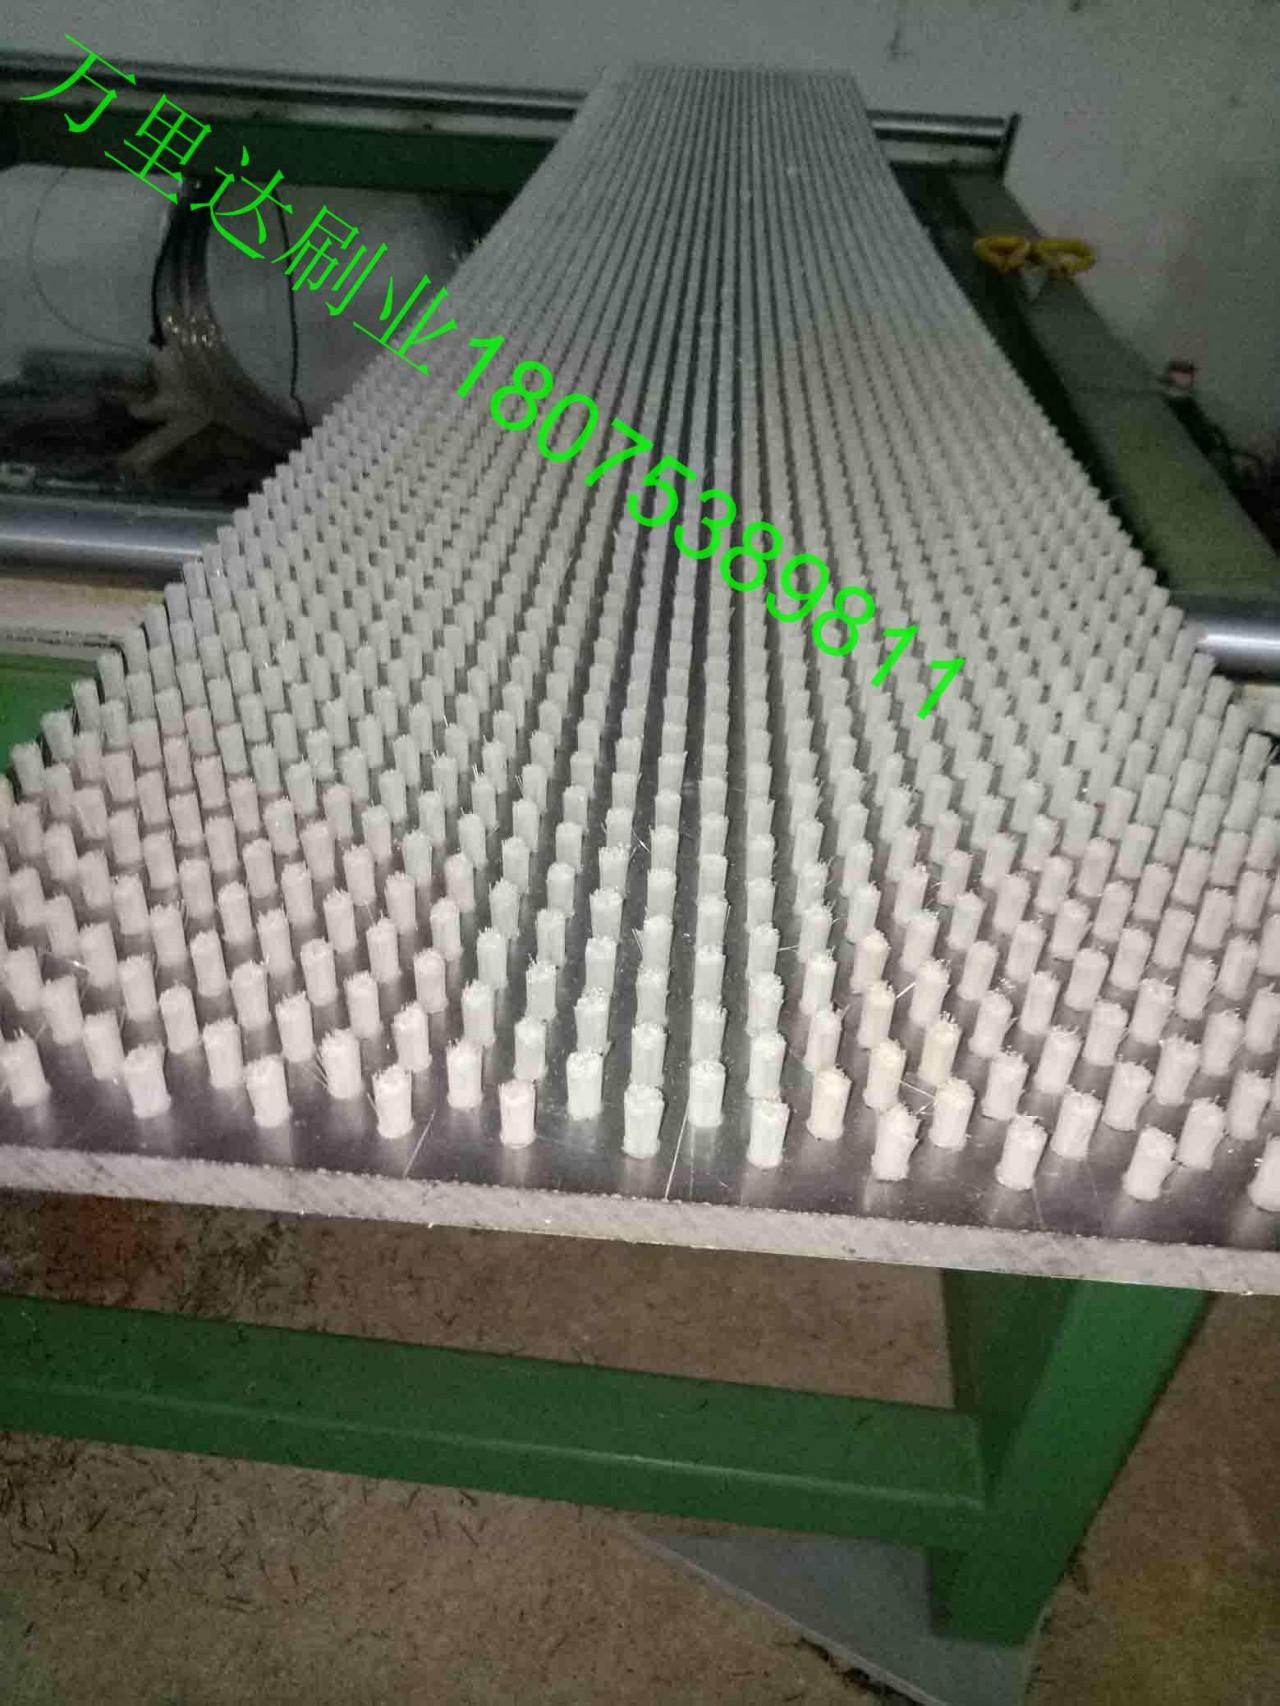 工业pvc板刷||毛刷板厂家 ||塑料板毛刷||数控冲床板刷